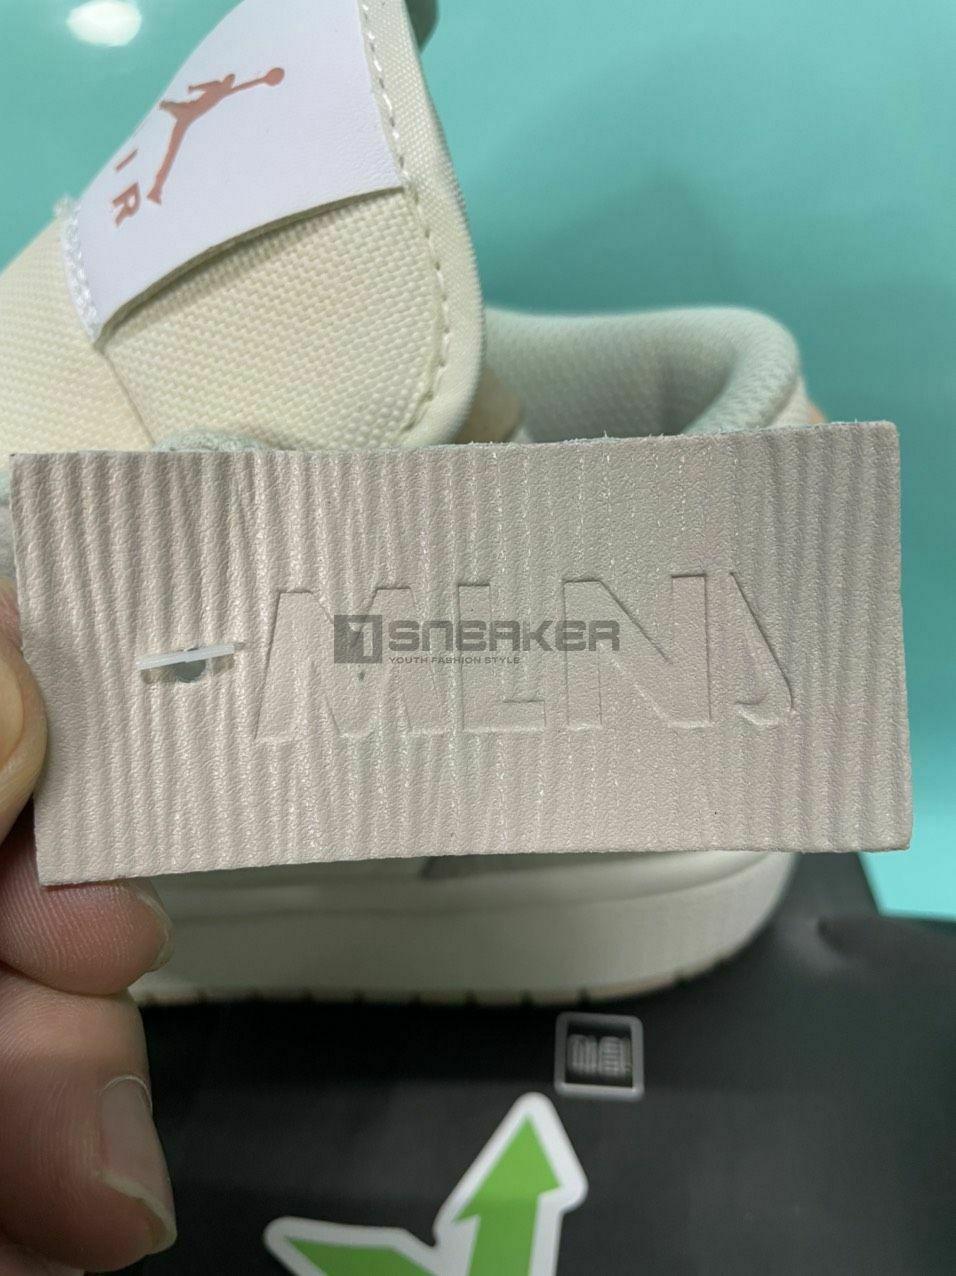 Nike Air Jordan 1 Milan Low rep 1 1